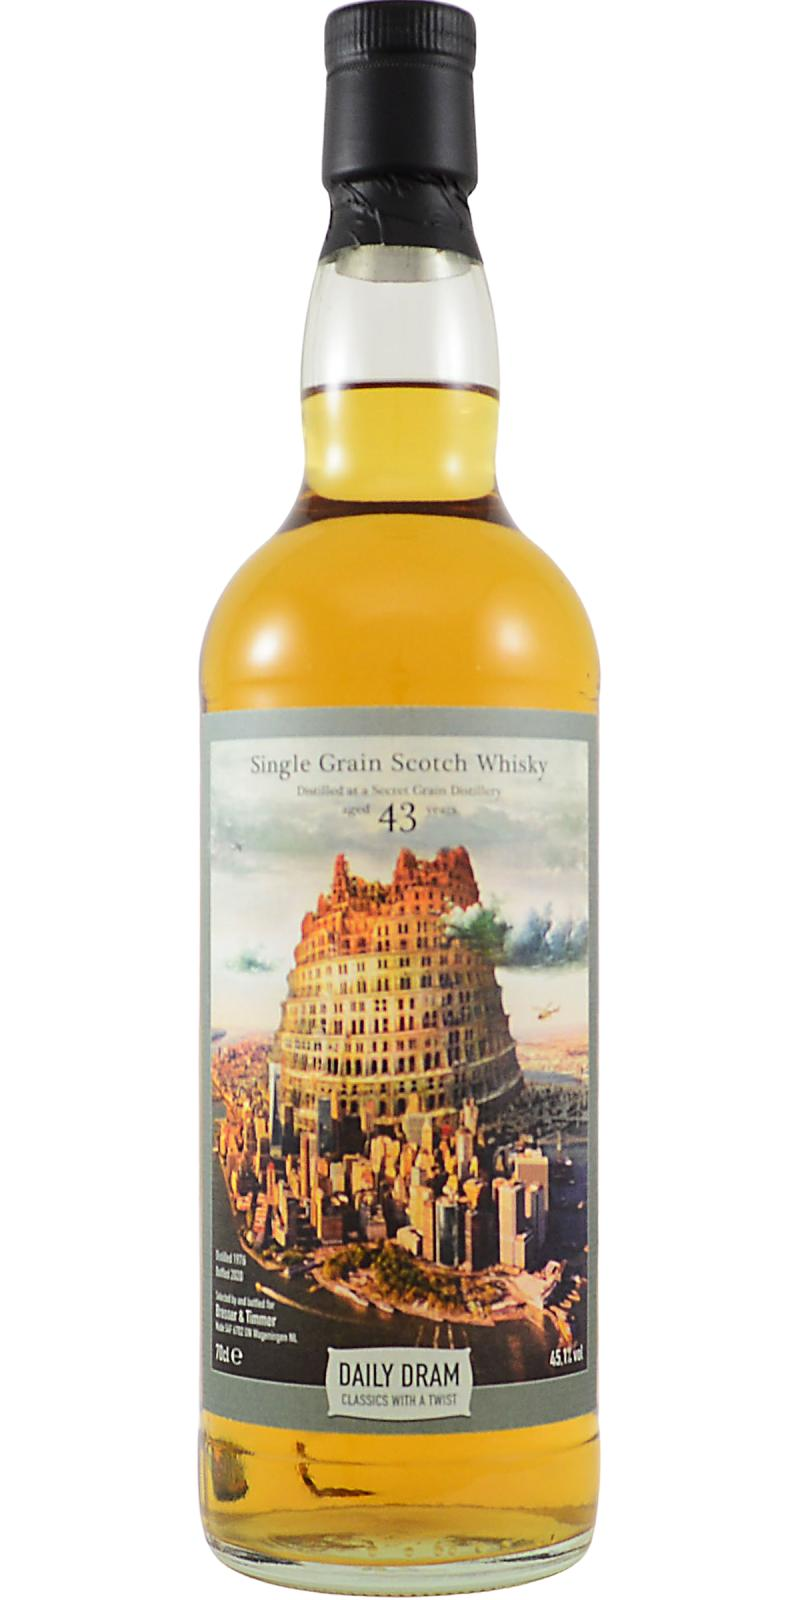 Single Grain Scotch Whisky 1976 TDD